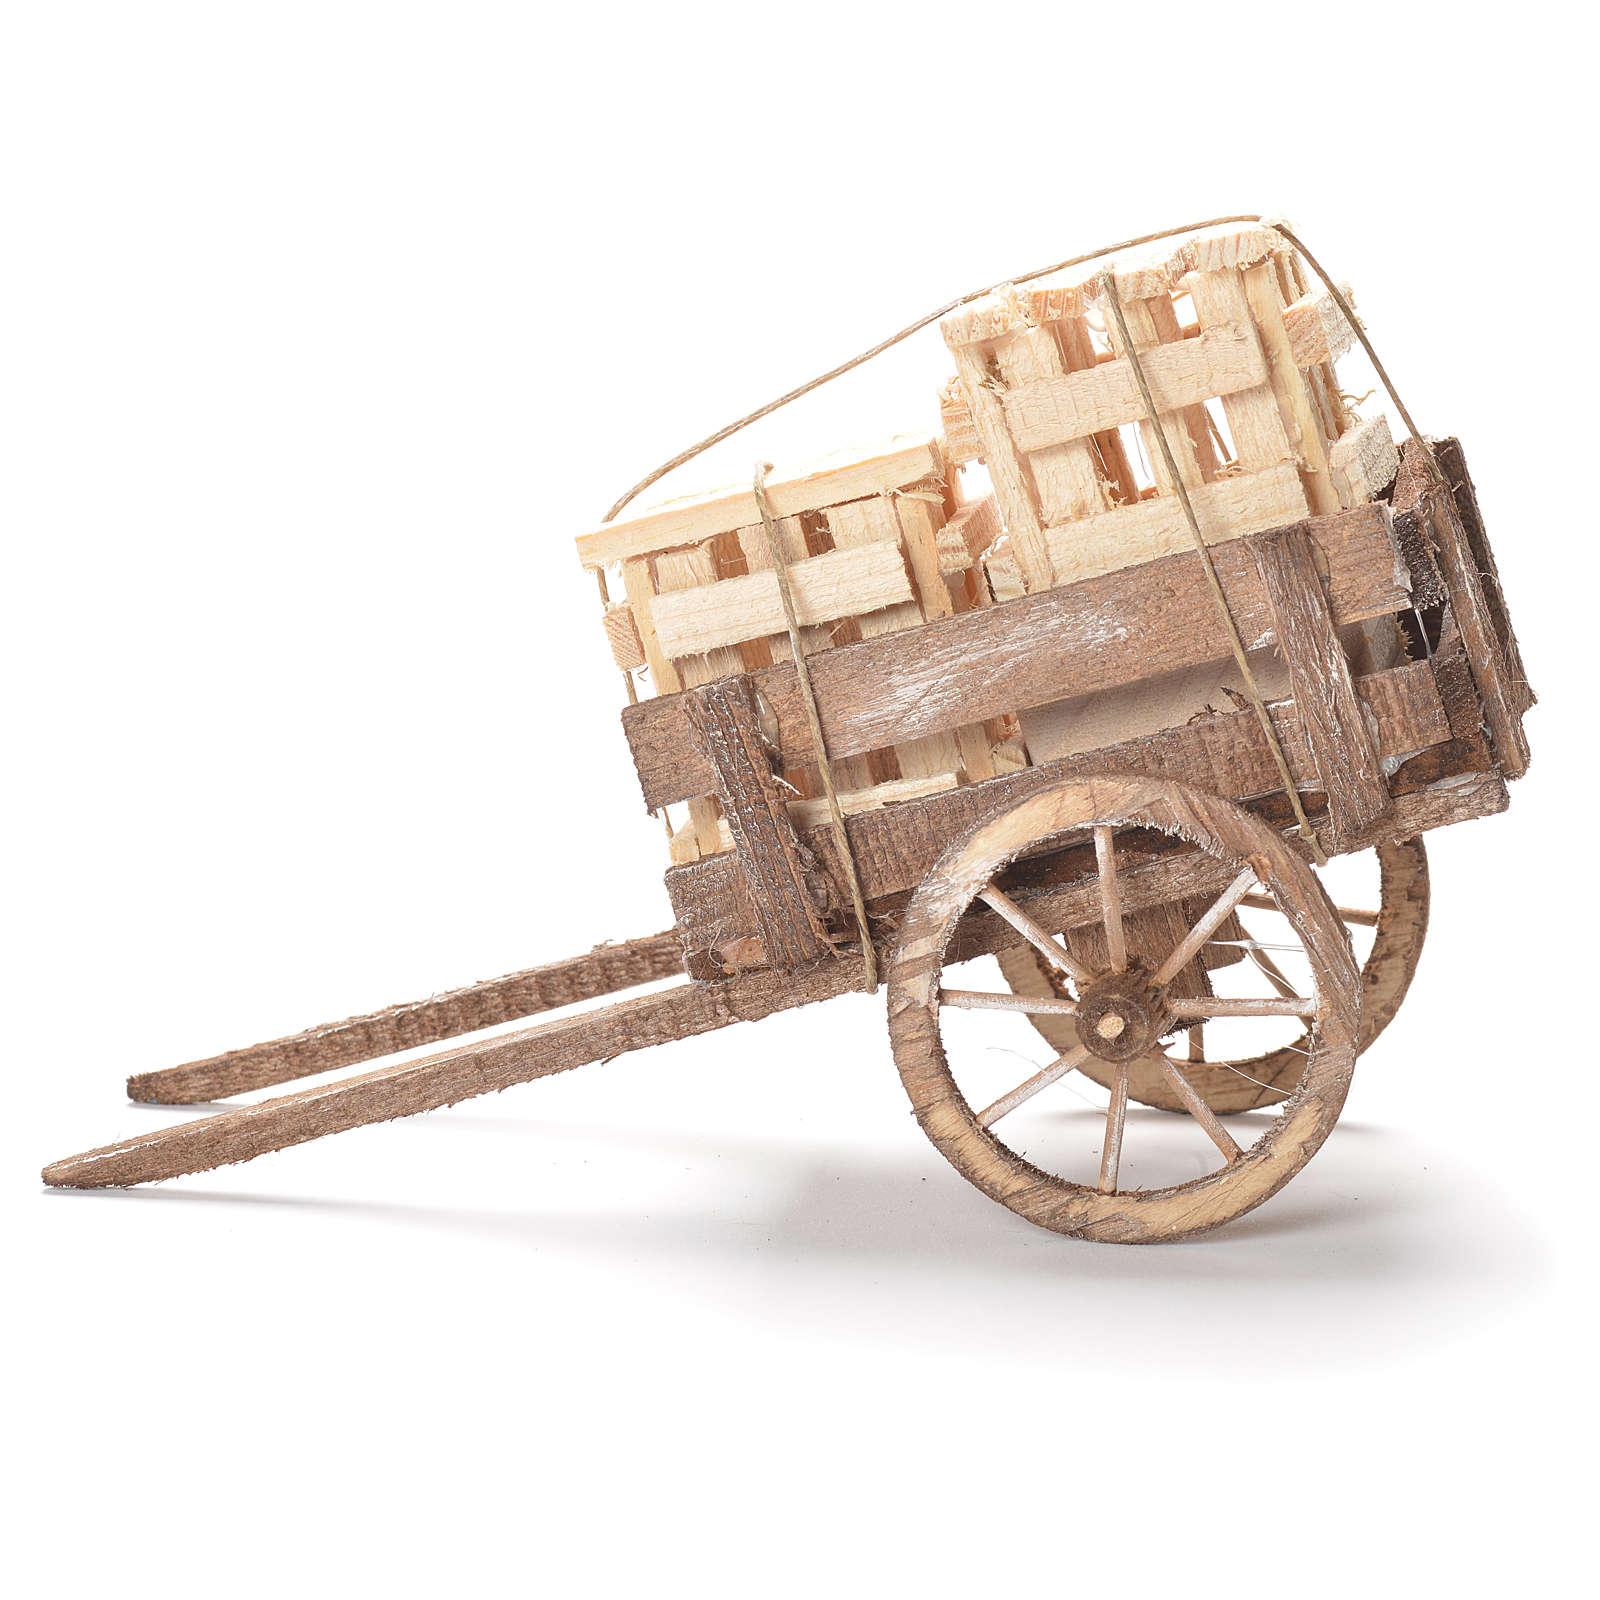 Wózek ze skrzynkami szopka neapolitańska 12x20x8 cm 4